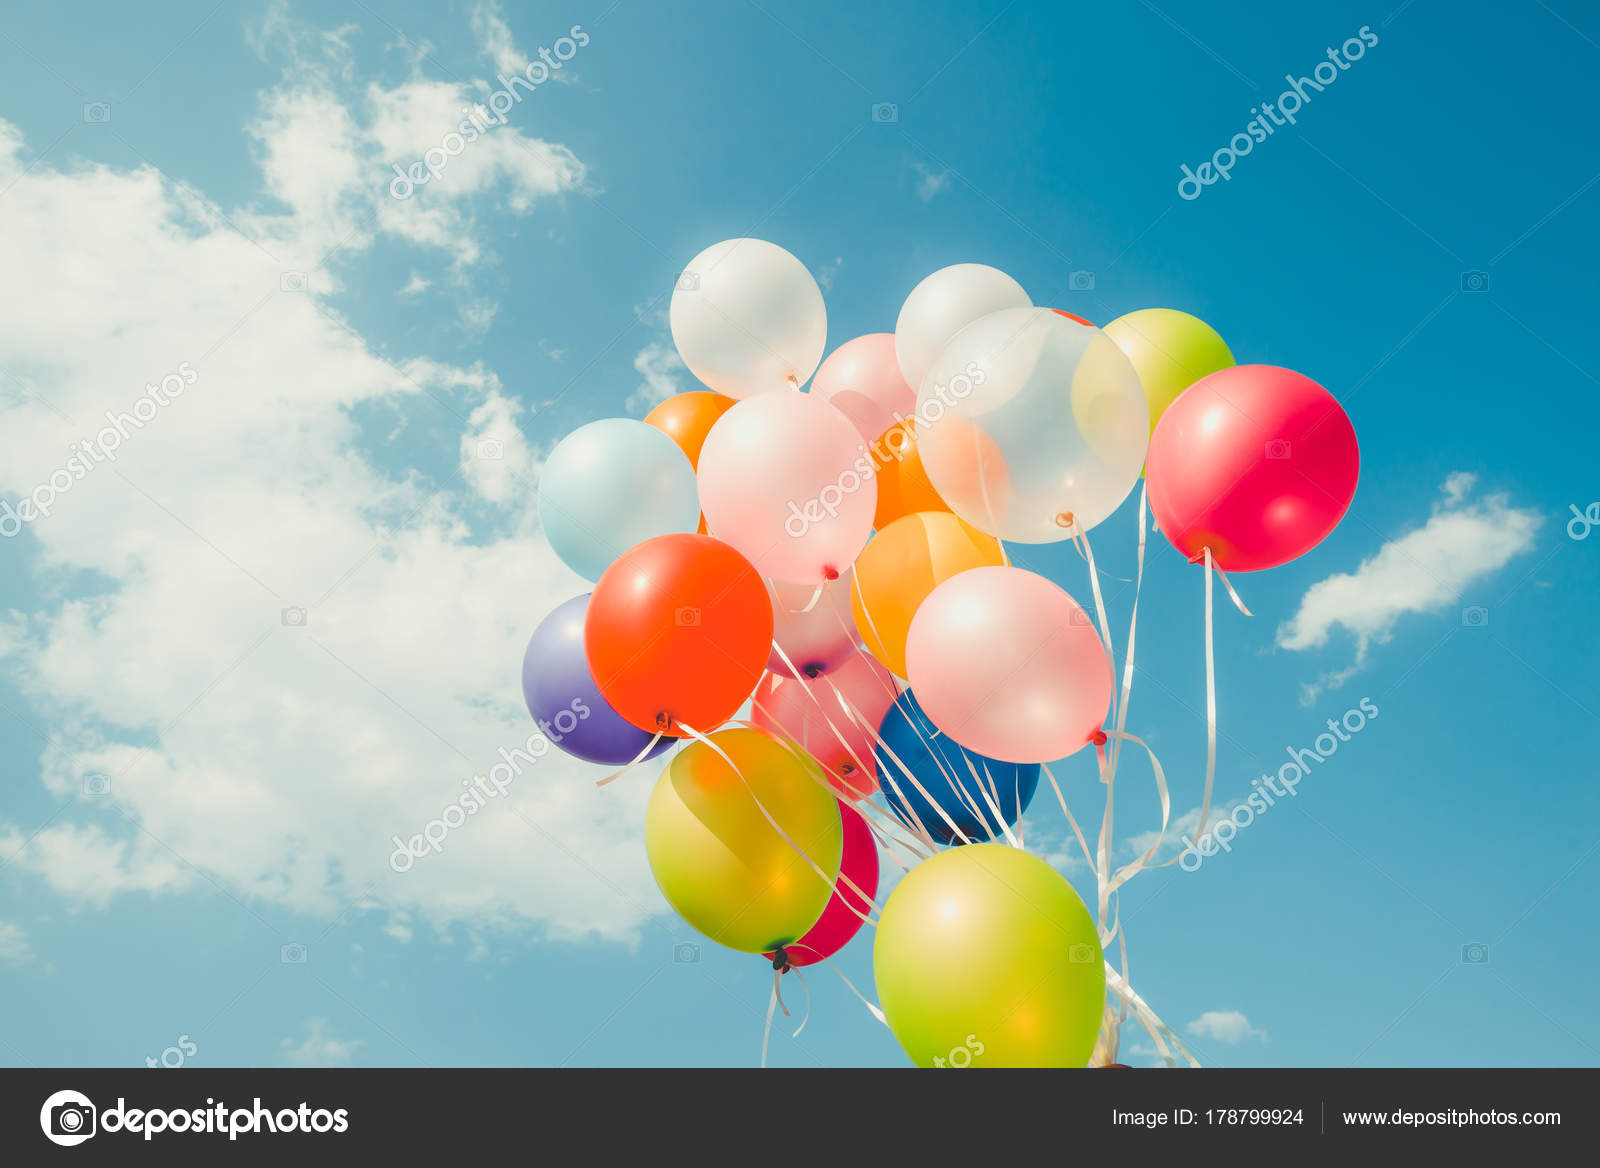 Bunte Luftballons Mit Einem Retro Instagram Filter Effekt Gemacht